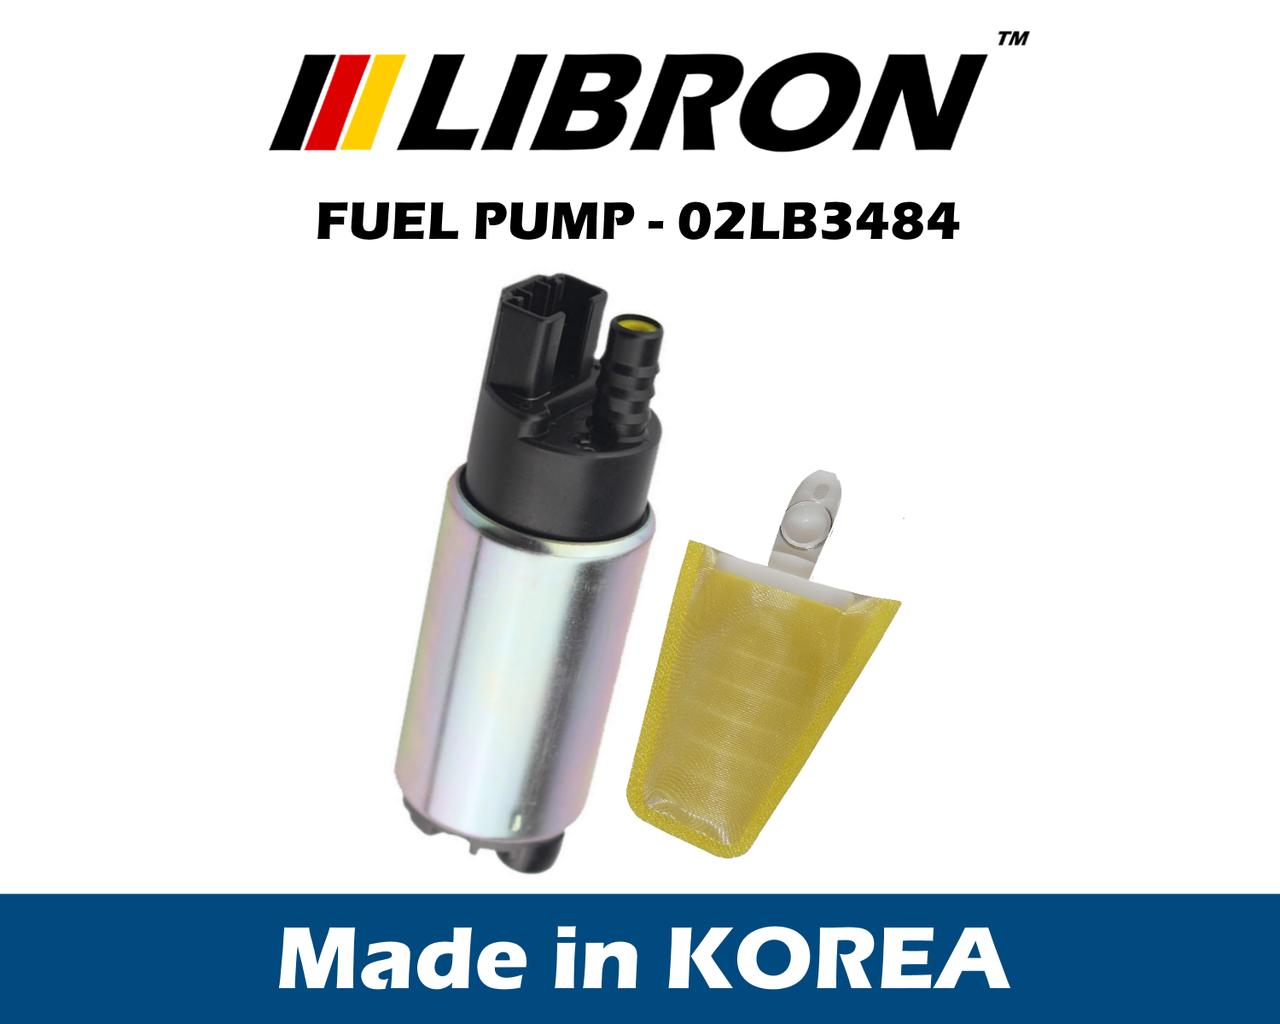 Топливный насос LIBRON 02LB3484 - Исузу Трупер II Вездеход открытый